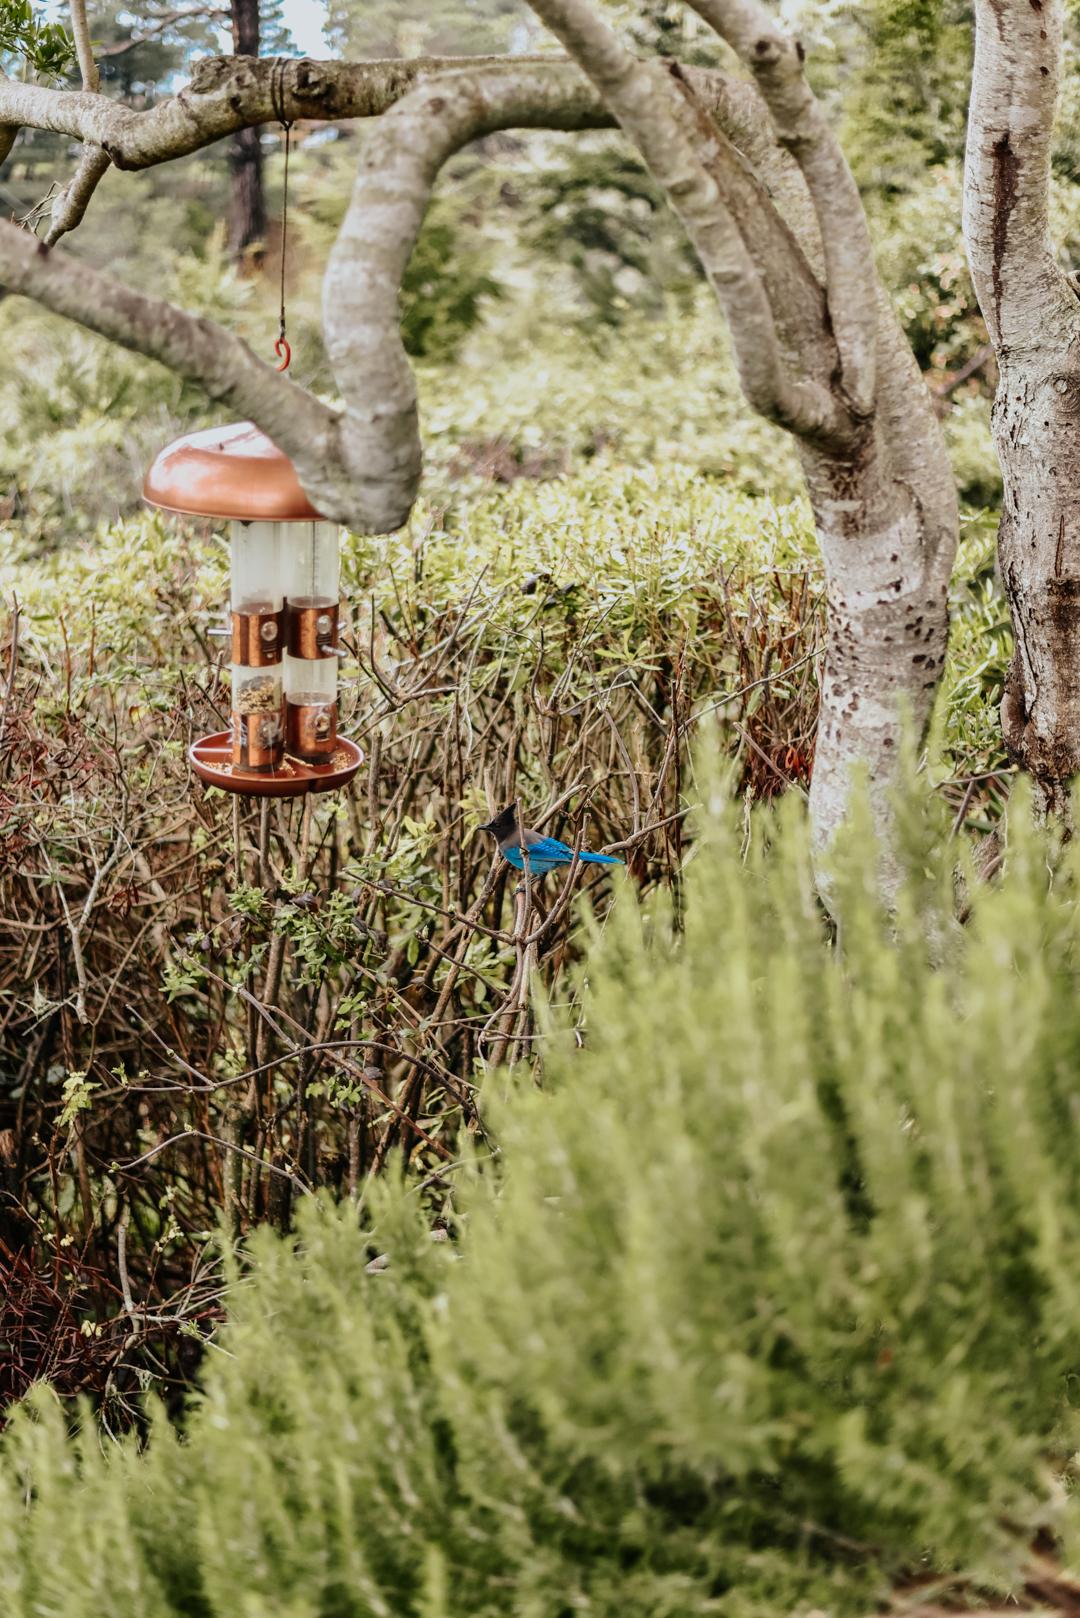 brewery-gulch-inn-mendocino-staycation-garden 8